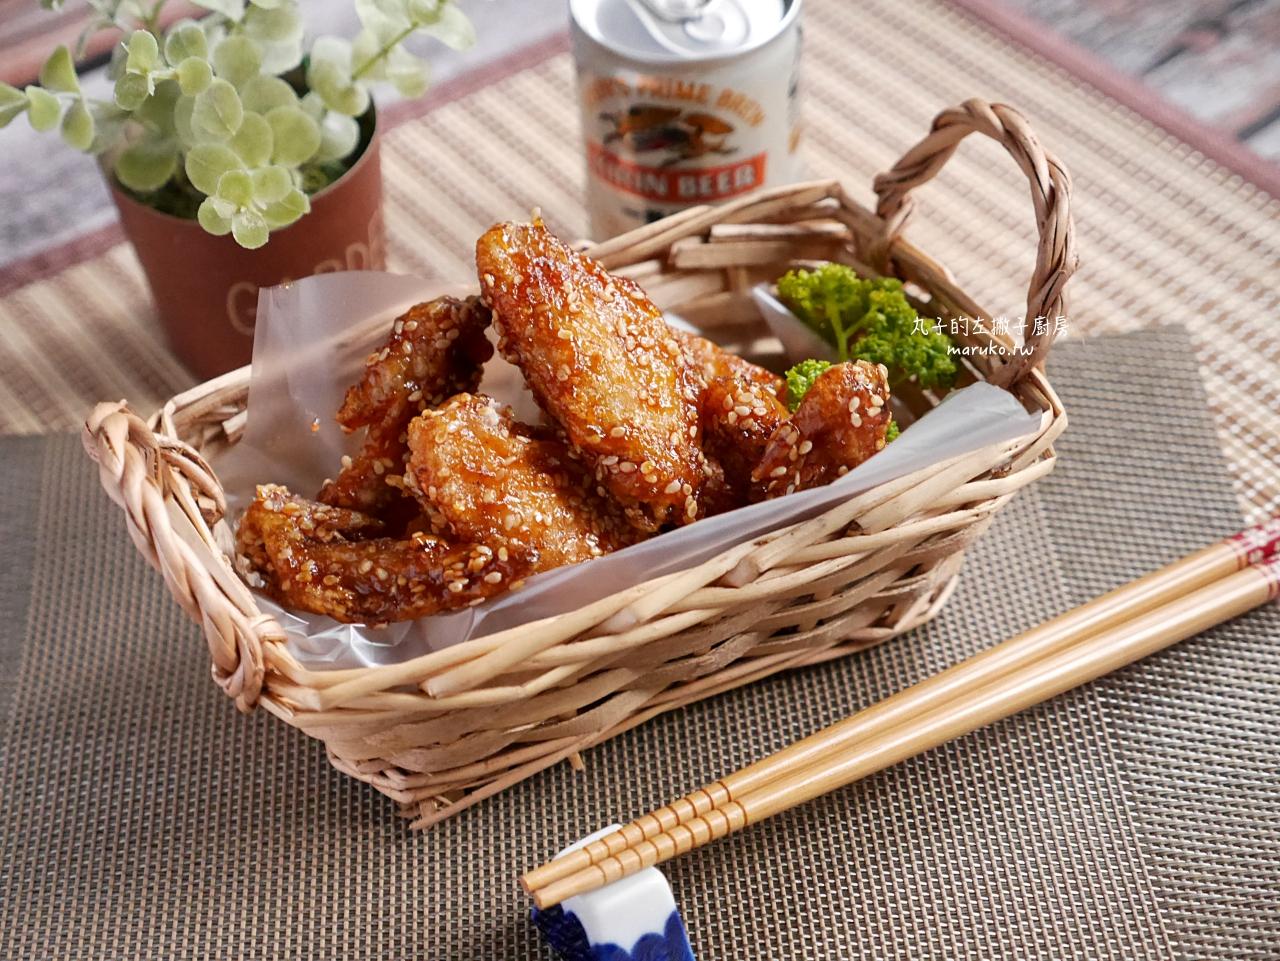 【食譜】日式照燒雞翅/博多風的炸雞翅冰冰的吃甜甜又涮嘴